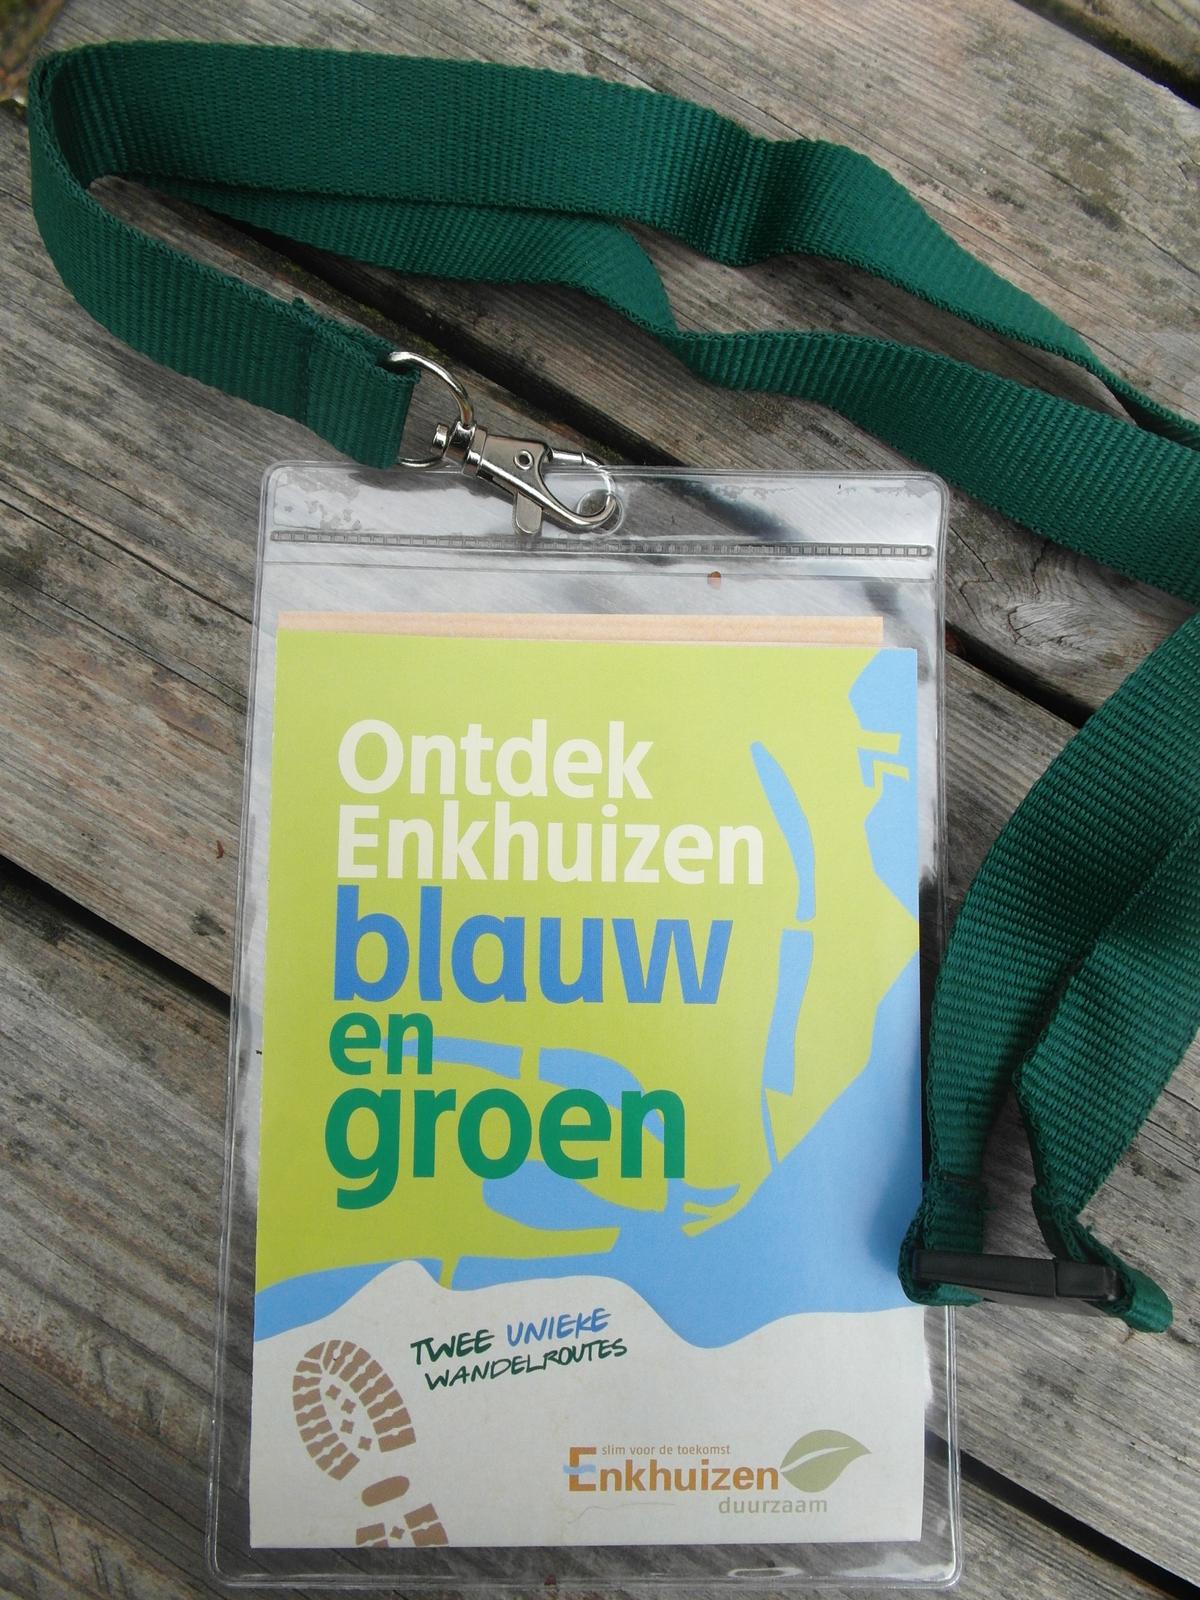 Nieuwe wandelroutes 'Ontdek Enkhuizen Blauw en Groen'